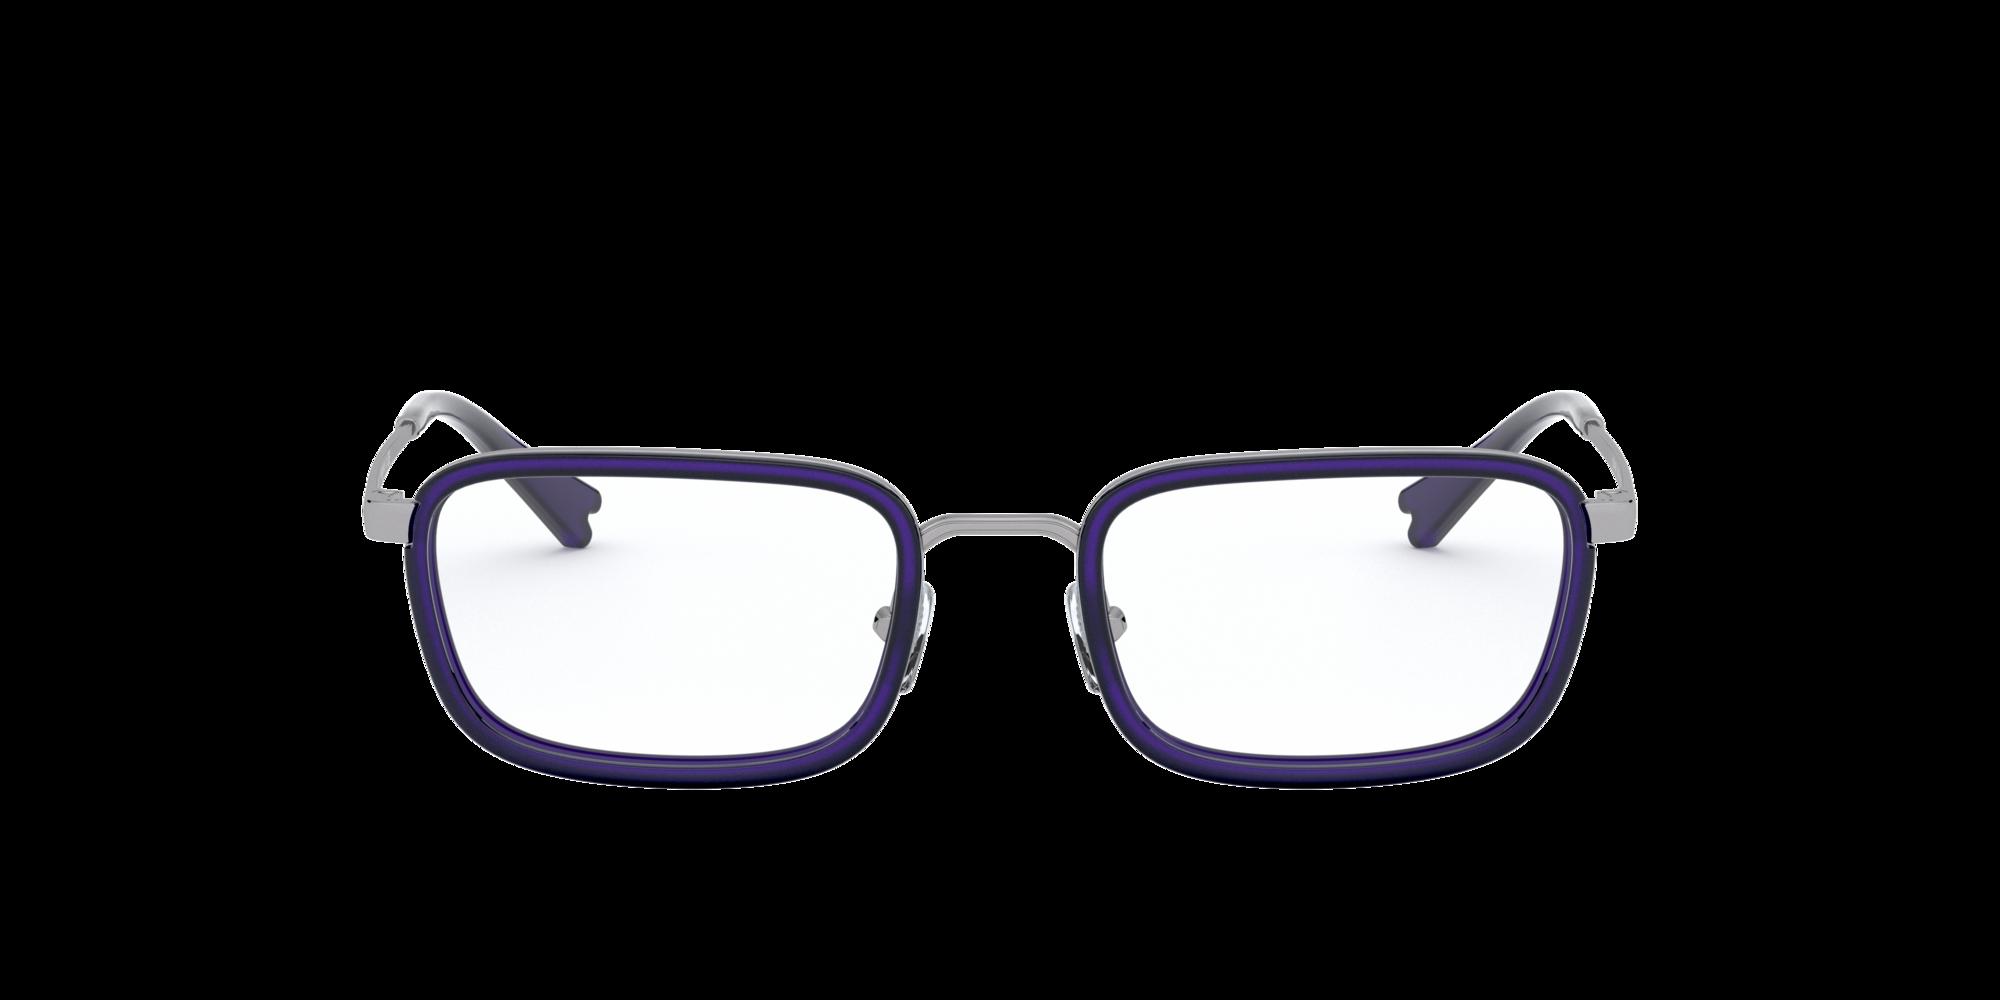 Imagen para VO4166 de LensCrafters |  Espejuelos, espejuelos graduados en línea, gafas